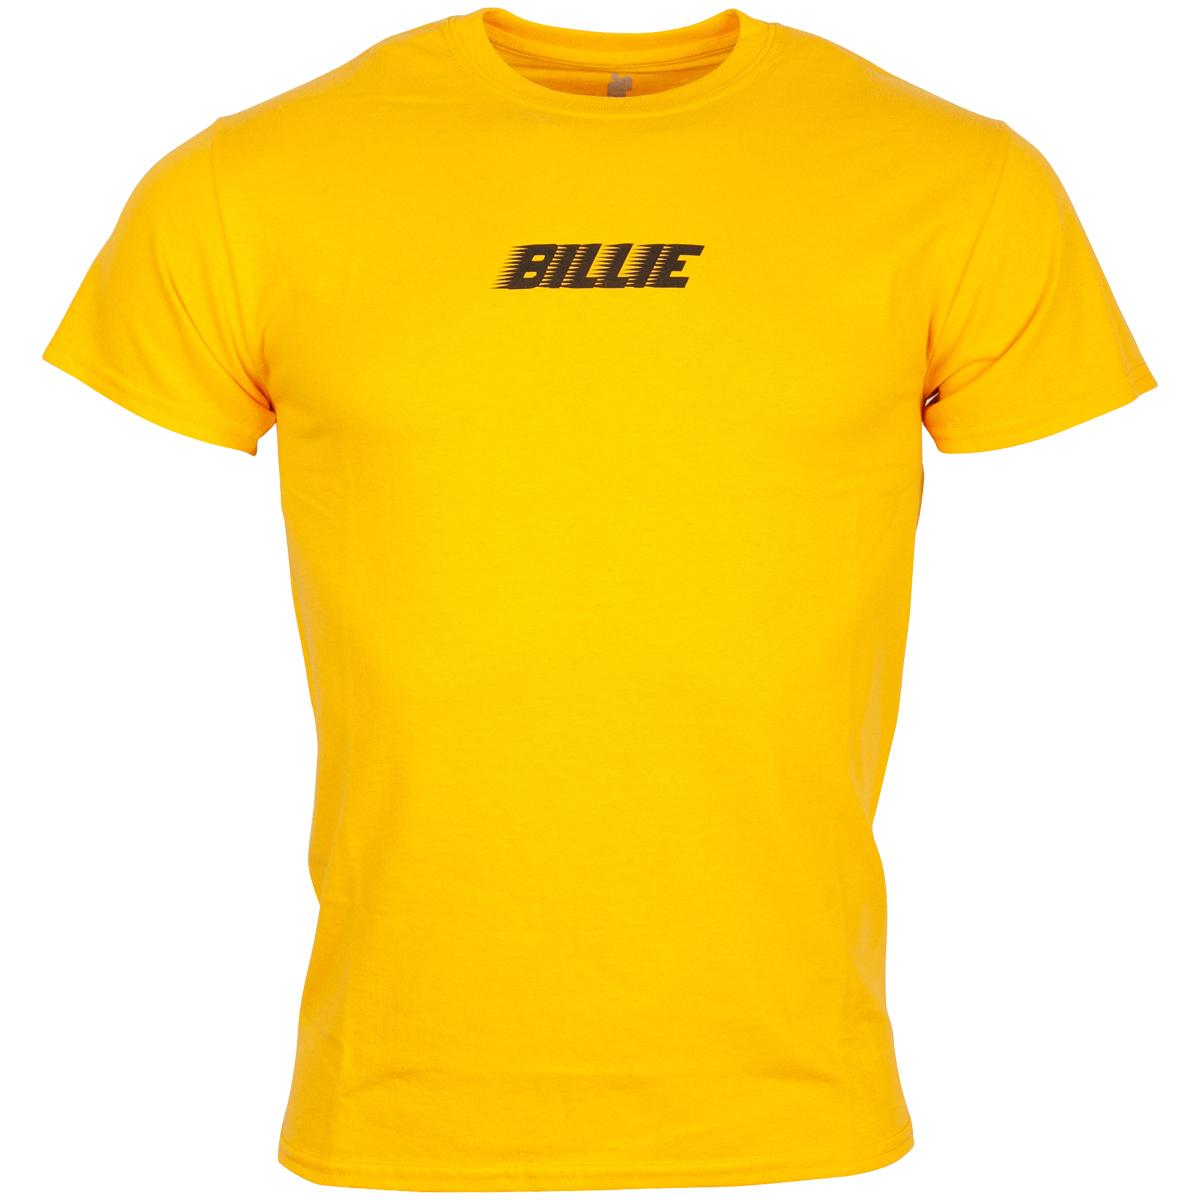 Billie Eilish - T-Shirt Racer Logo BLOHSH - gelb-orange